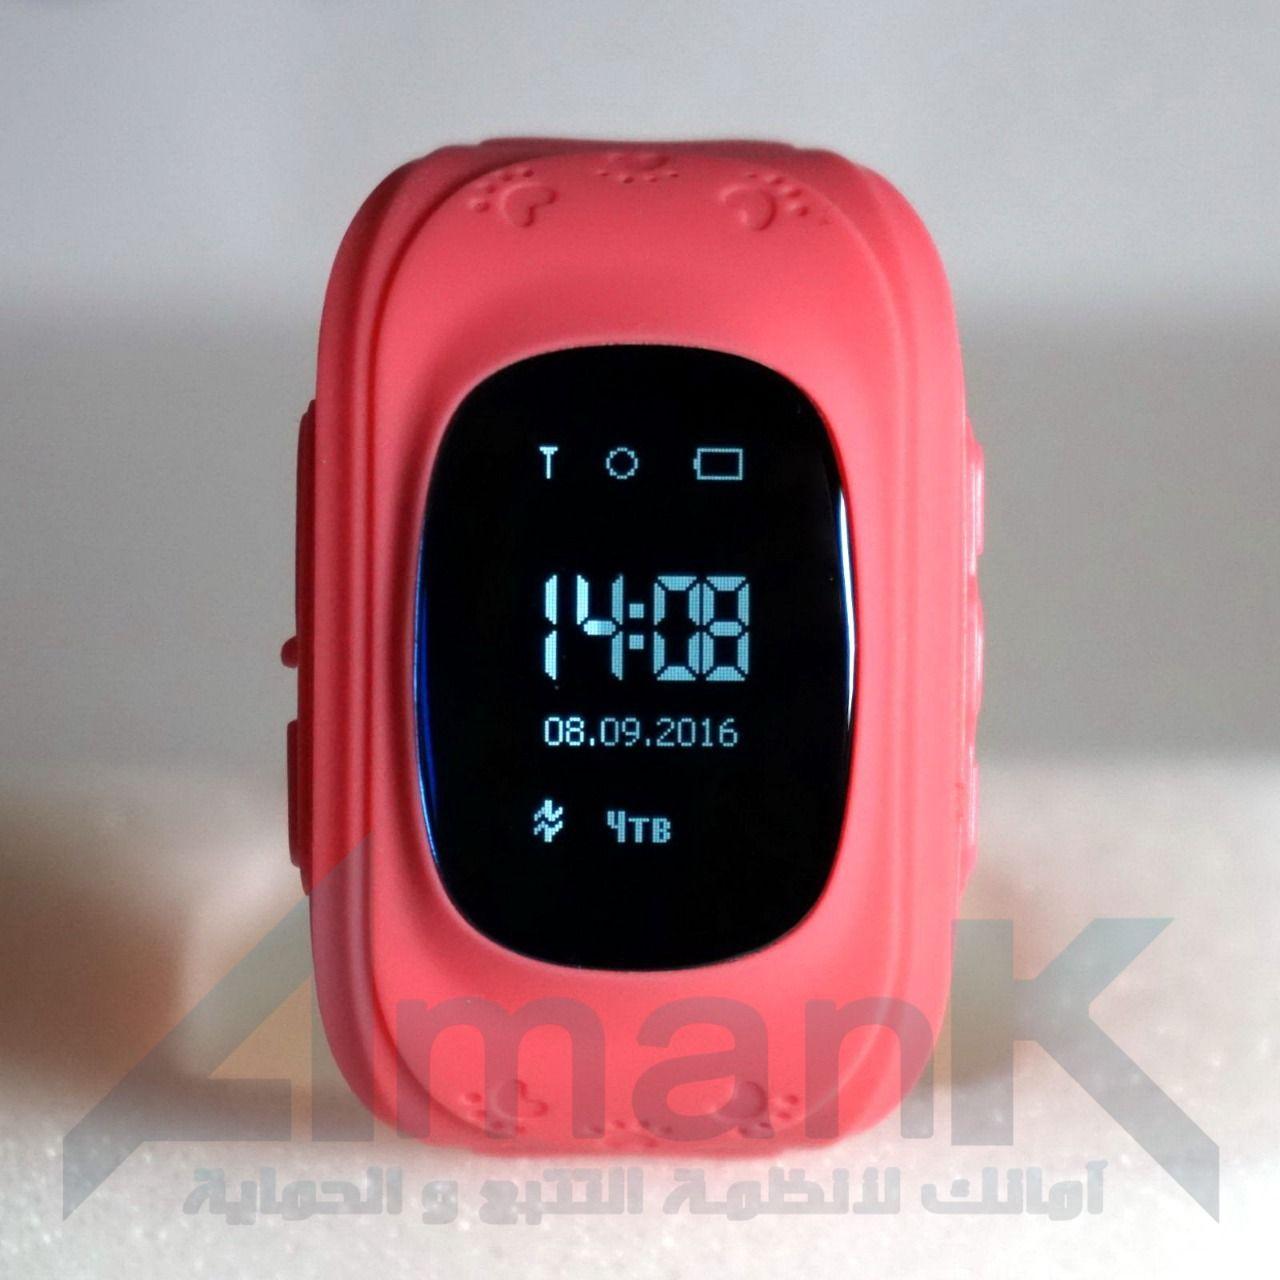 ساعة تتبع أطفال Amank Gps Smart Watch بسعر 1300ج بدل من 1500ج Phone Accessories Digital Alarm Clock Clock